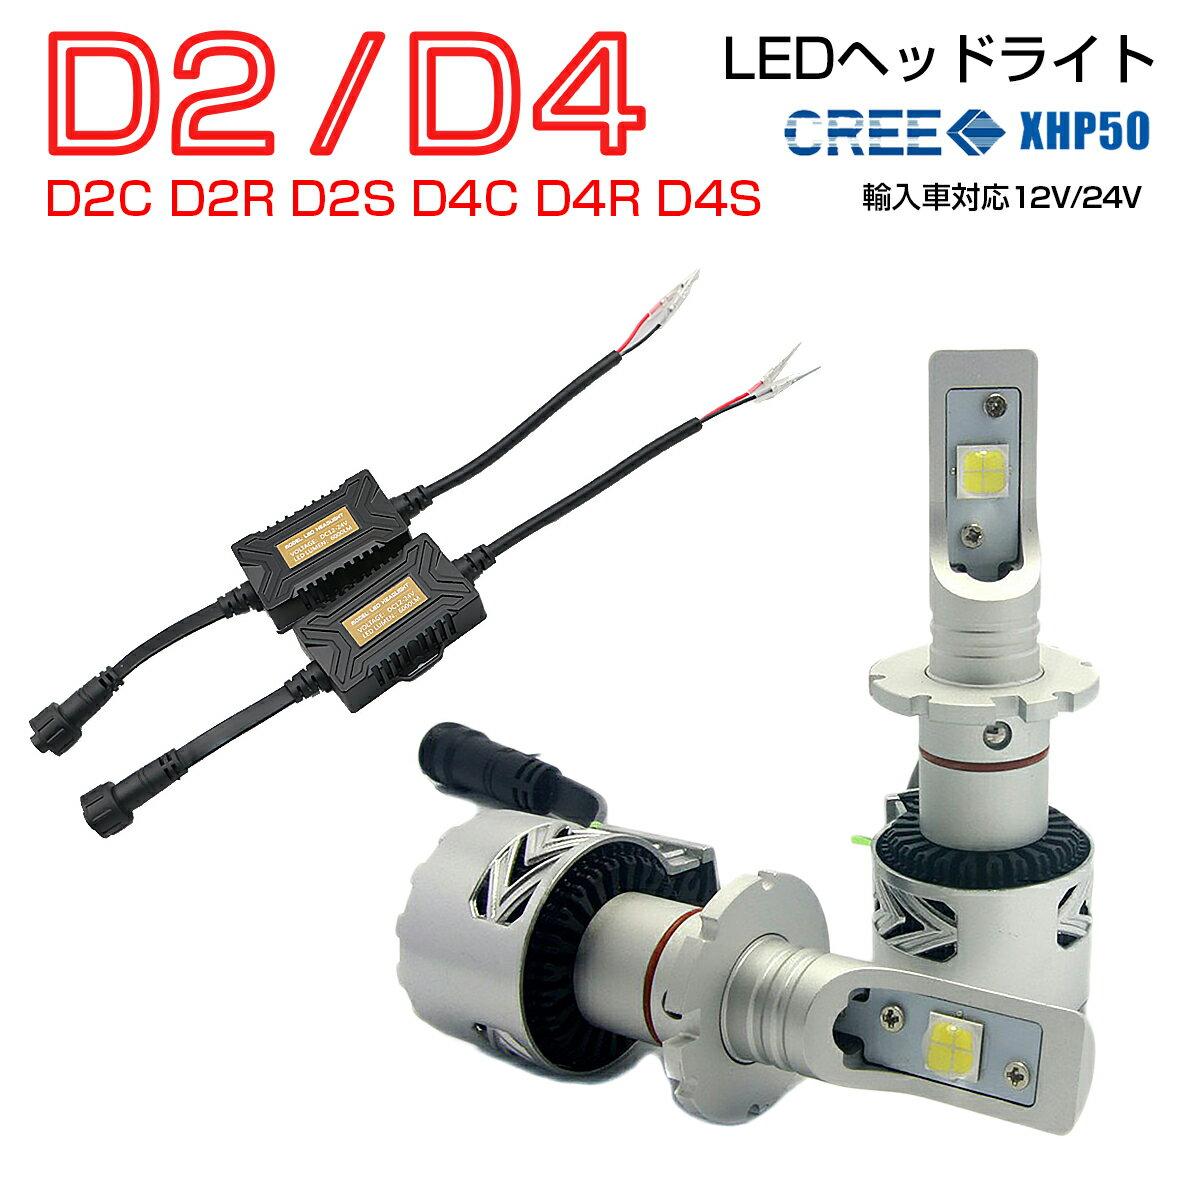 MITSUBISHI アイミーブ H21.7〜# HA3W ヘッドライト(LO)[D2S]白色 LED D2S LEDヘッドライト 2個入り CREE 6500K 6000LM 12V 24V 宅配便送料無料 6ヶ月保証 K&M